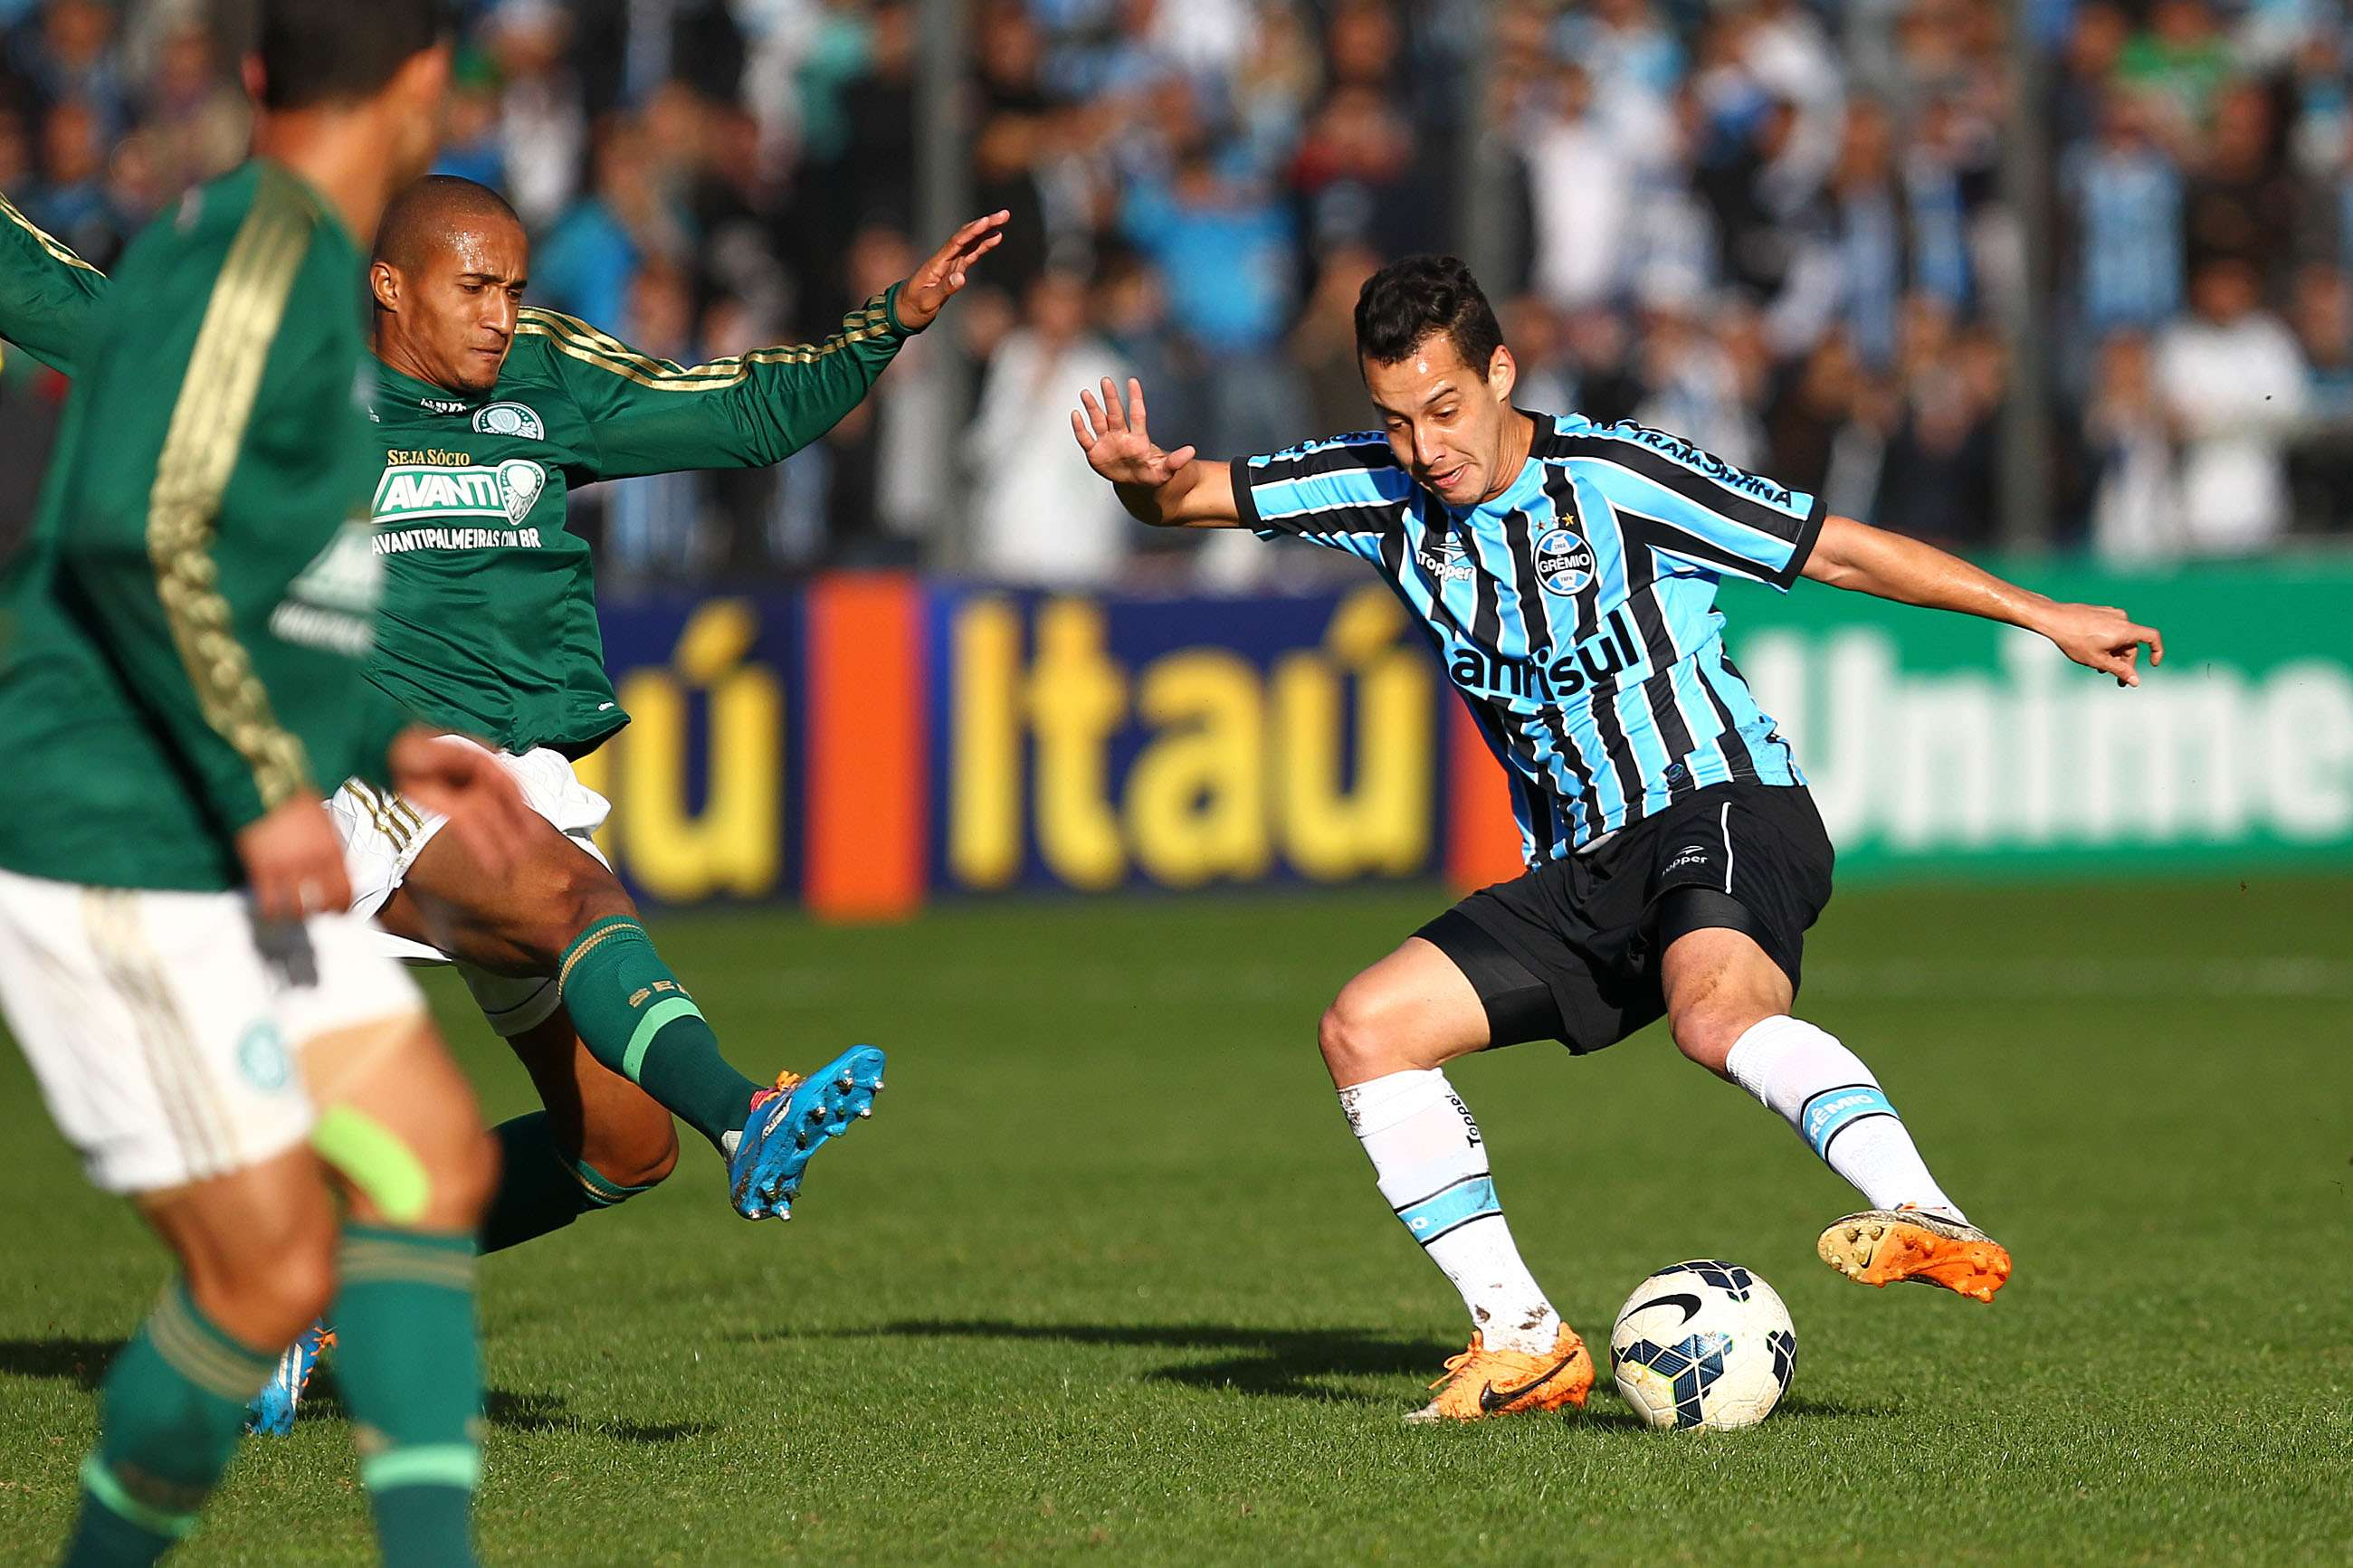 Gremista Rodriguinho tenta clarear a jogada na entrada da área do Palmeiras Foto: Lucas Uebel/Grêmio FBPA/Divulgação